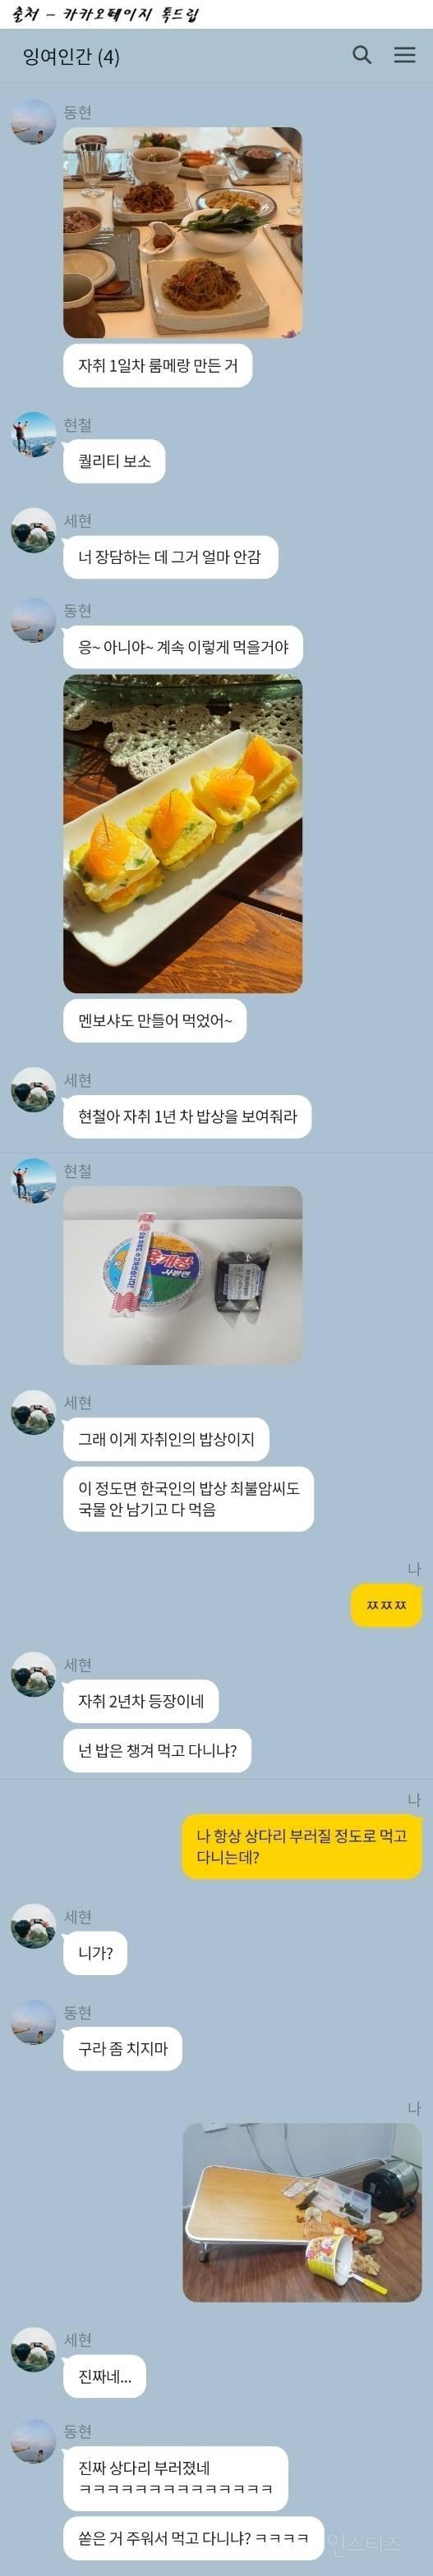 흔한 한국인들의 자취 밥상.jpg | 인스티즈